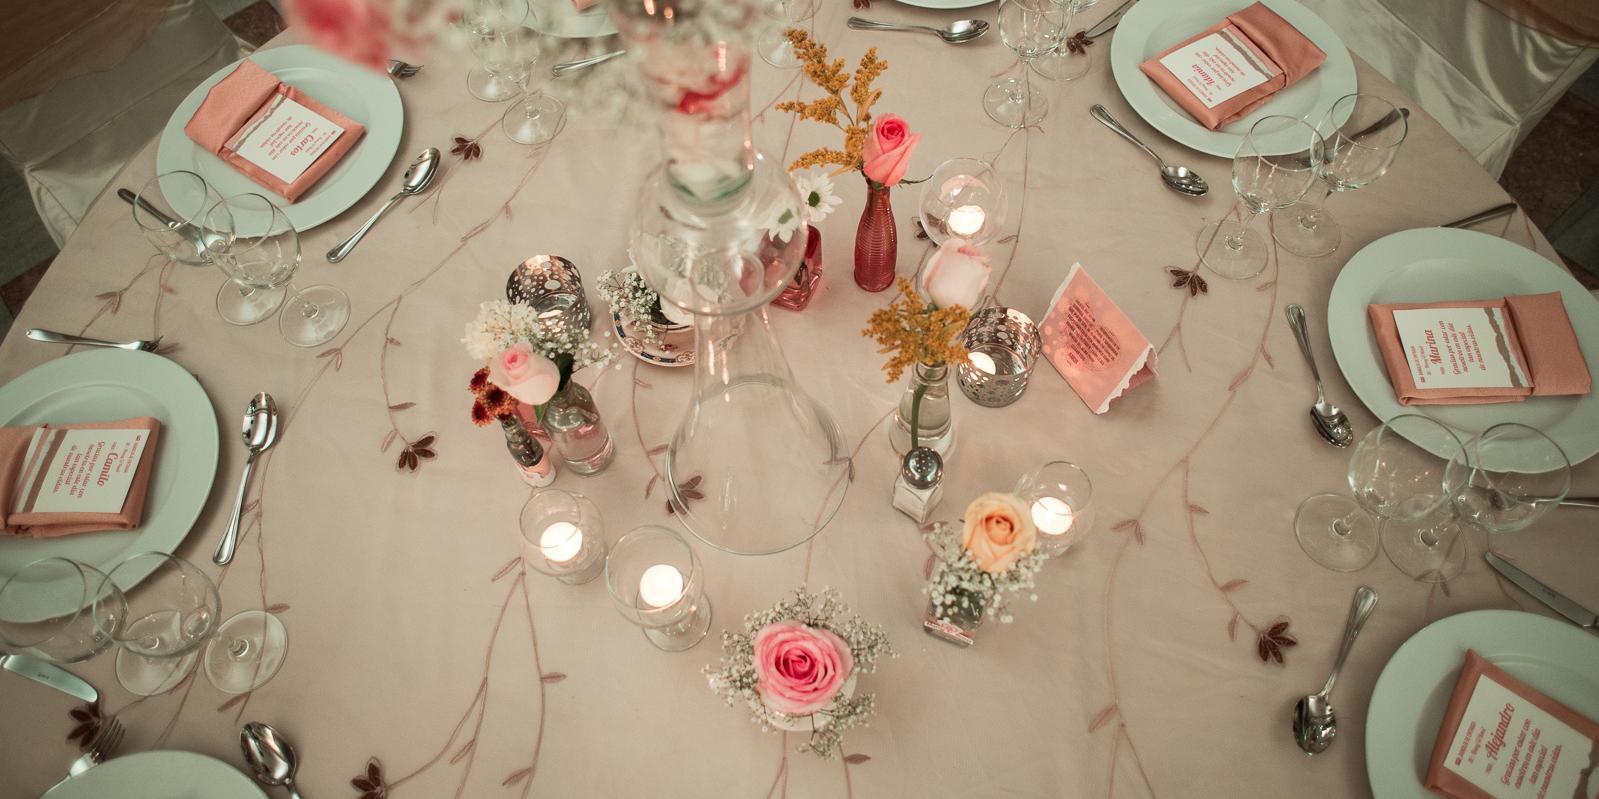 bodas-estilo-libre-sin-tema-cuba-7001.jpg